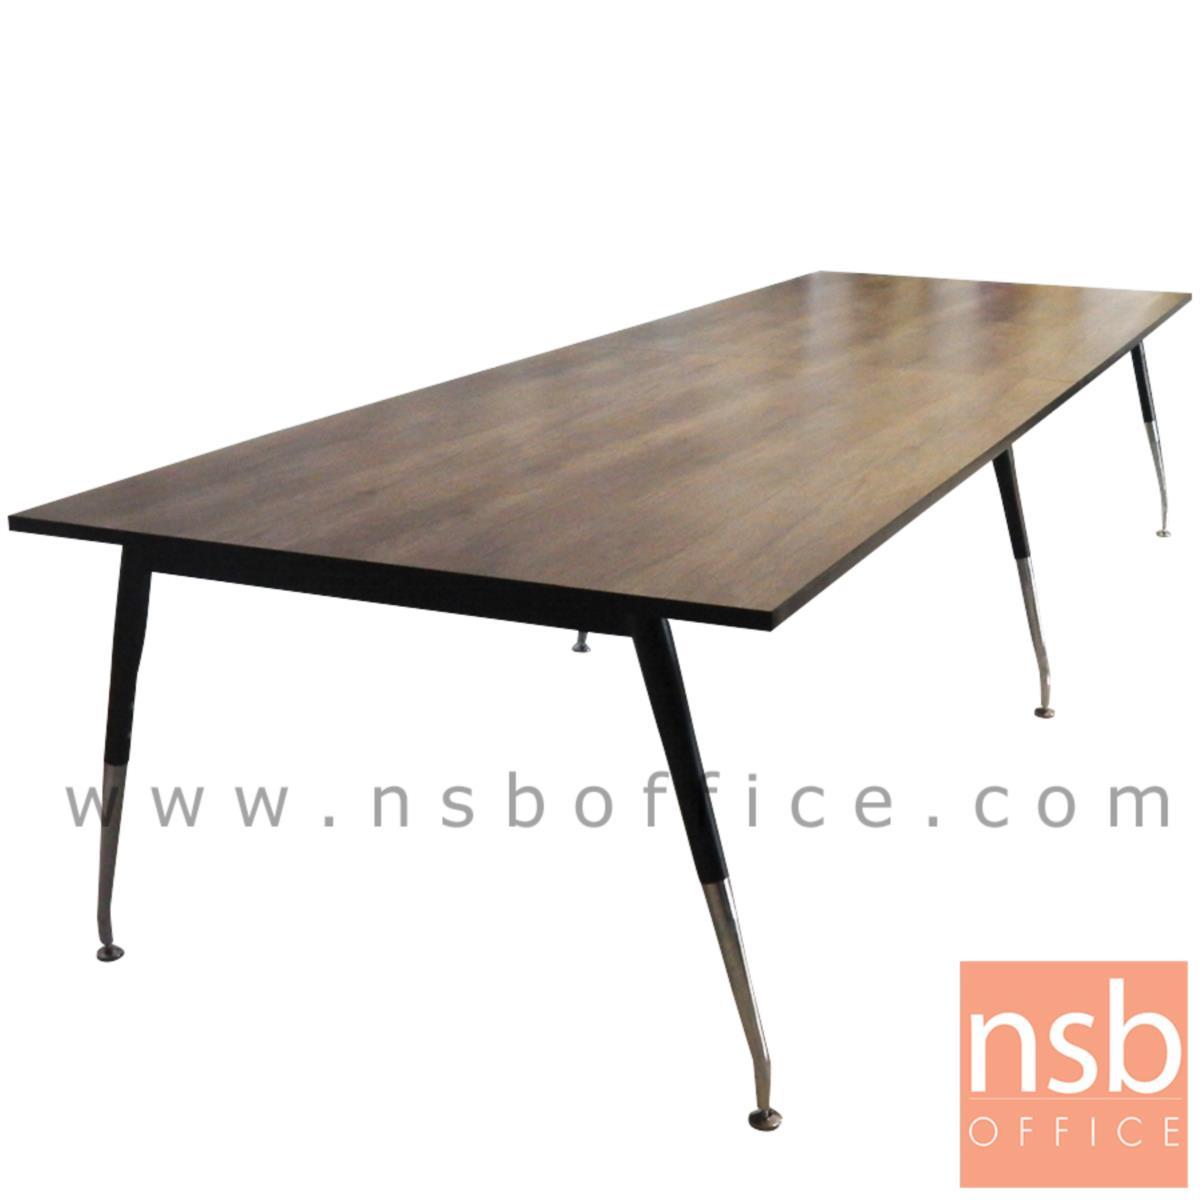 A05A089:โต๊ะประชุมทรงสี่เหลี่ยมยาว  300W-460W (120D, 150D) cm.  ขาเหล็กปลายเรียว